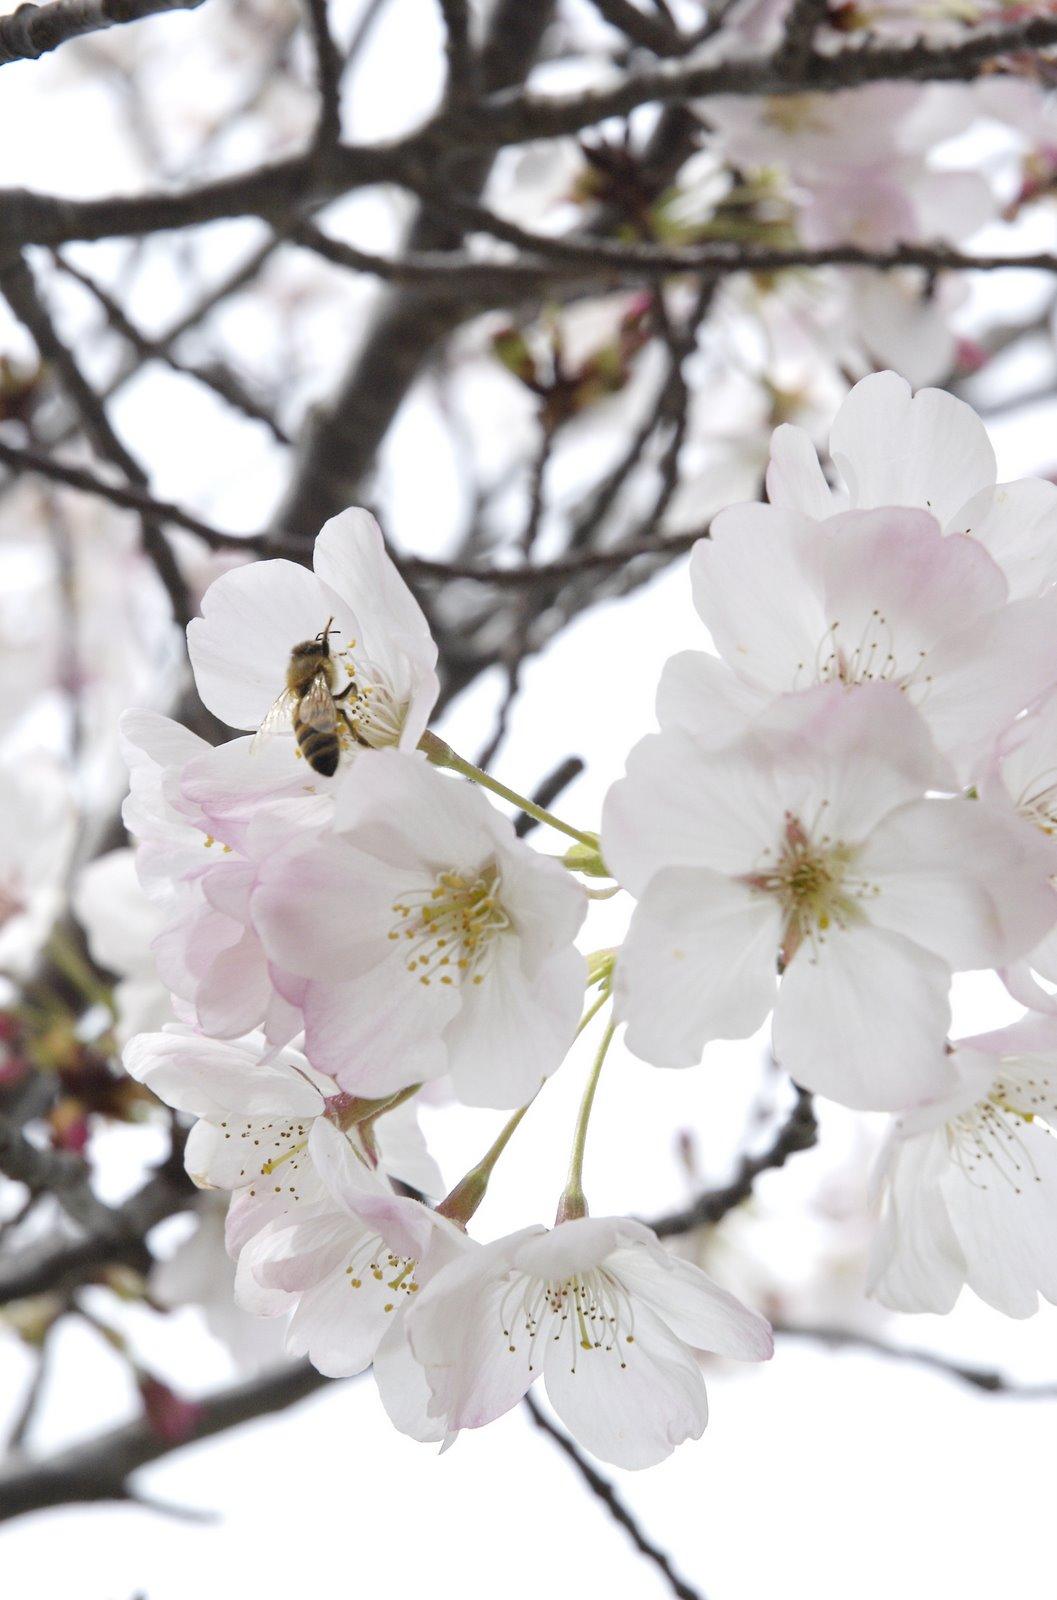 [Blossom.jpg]